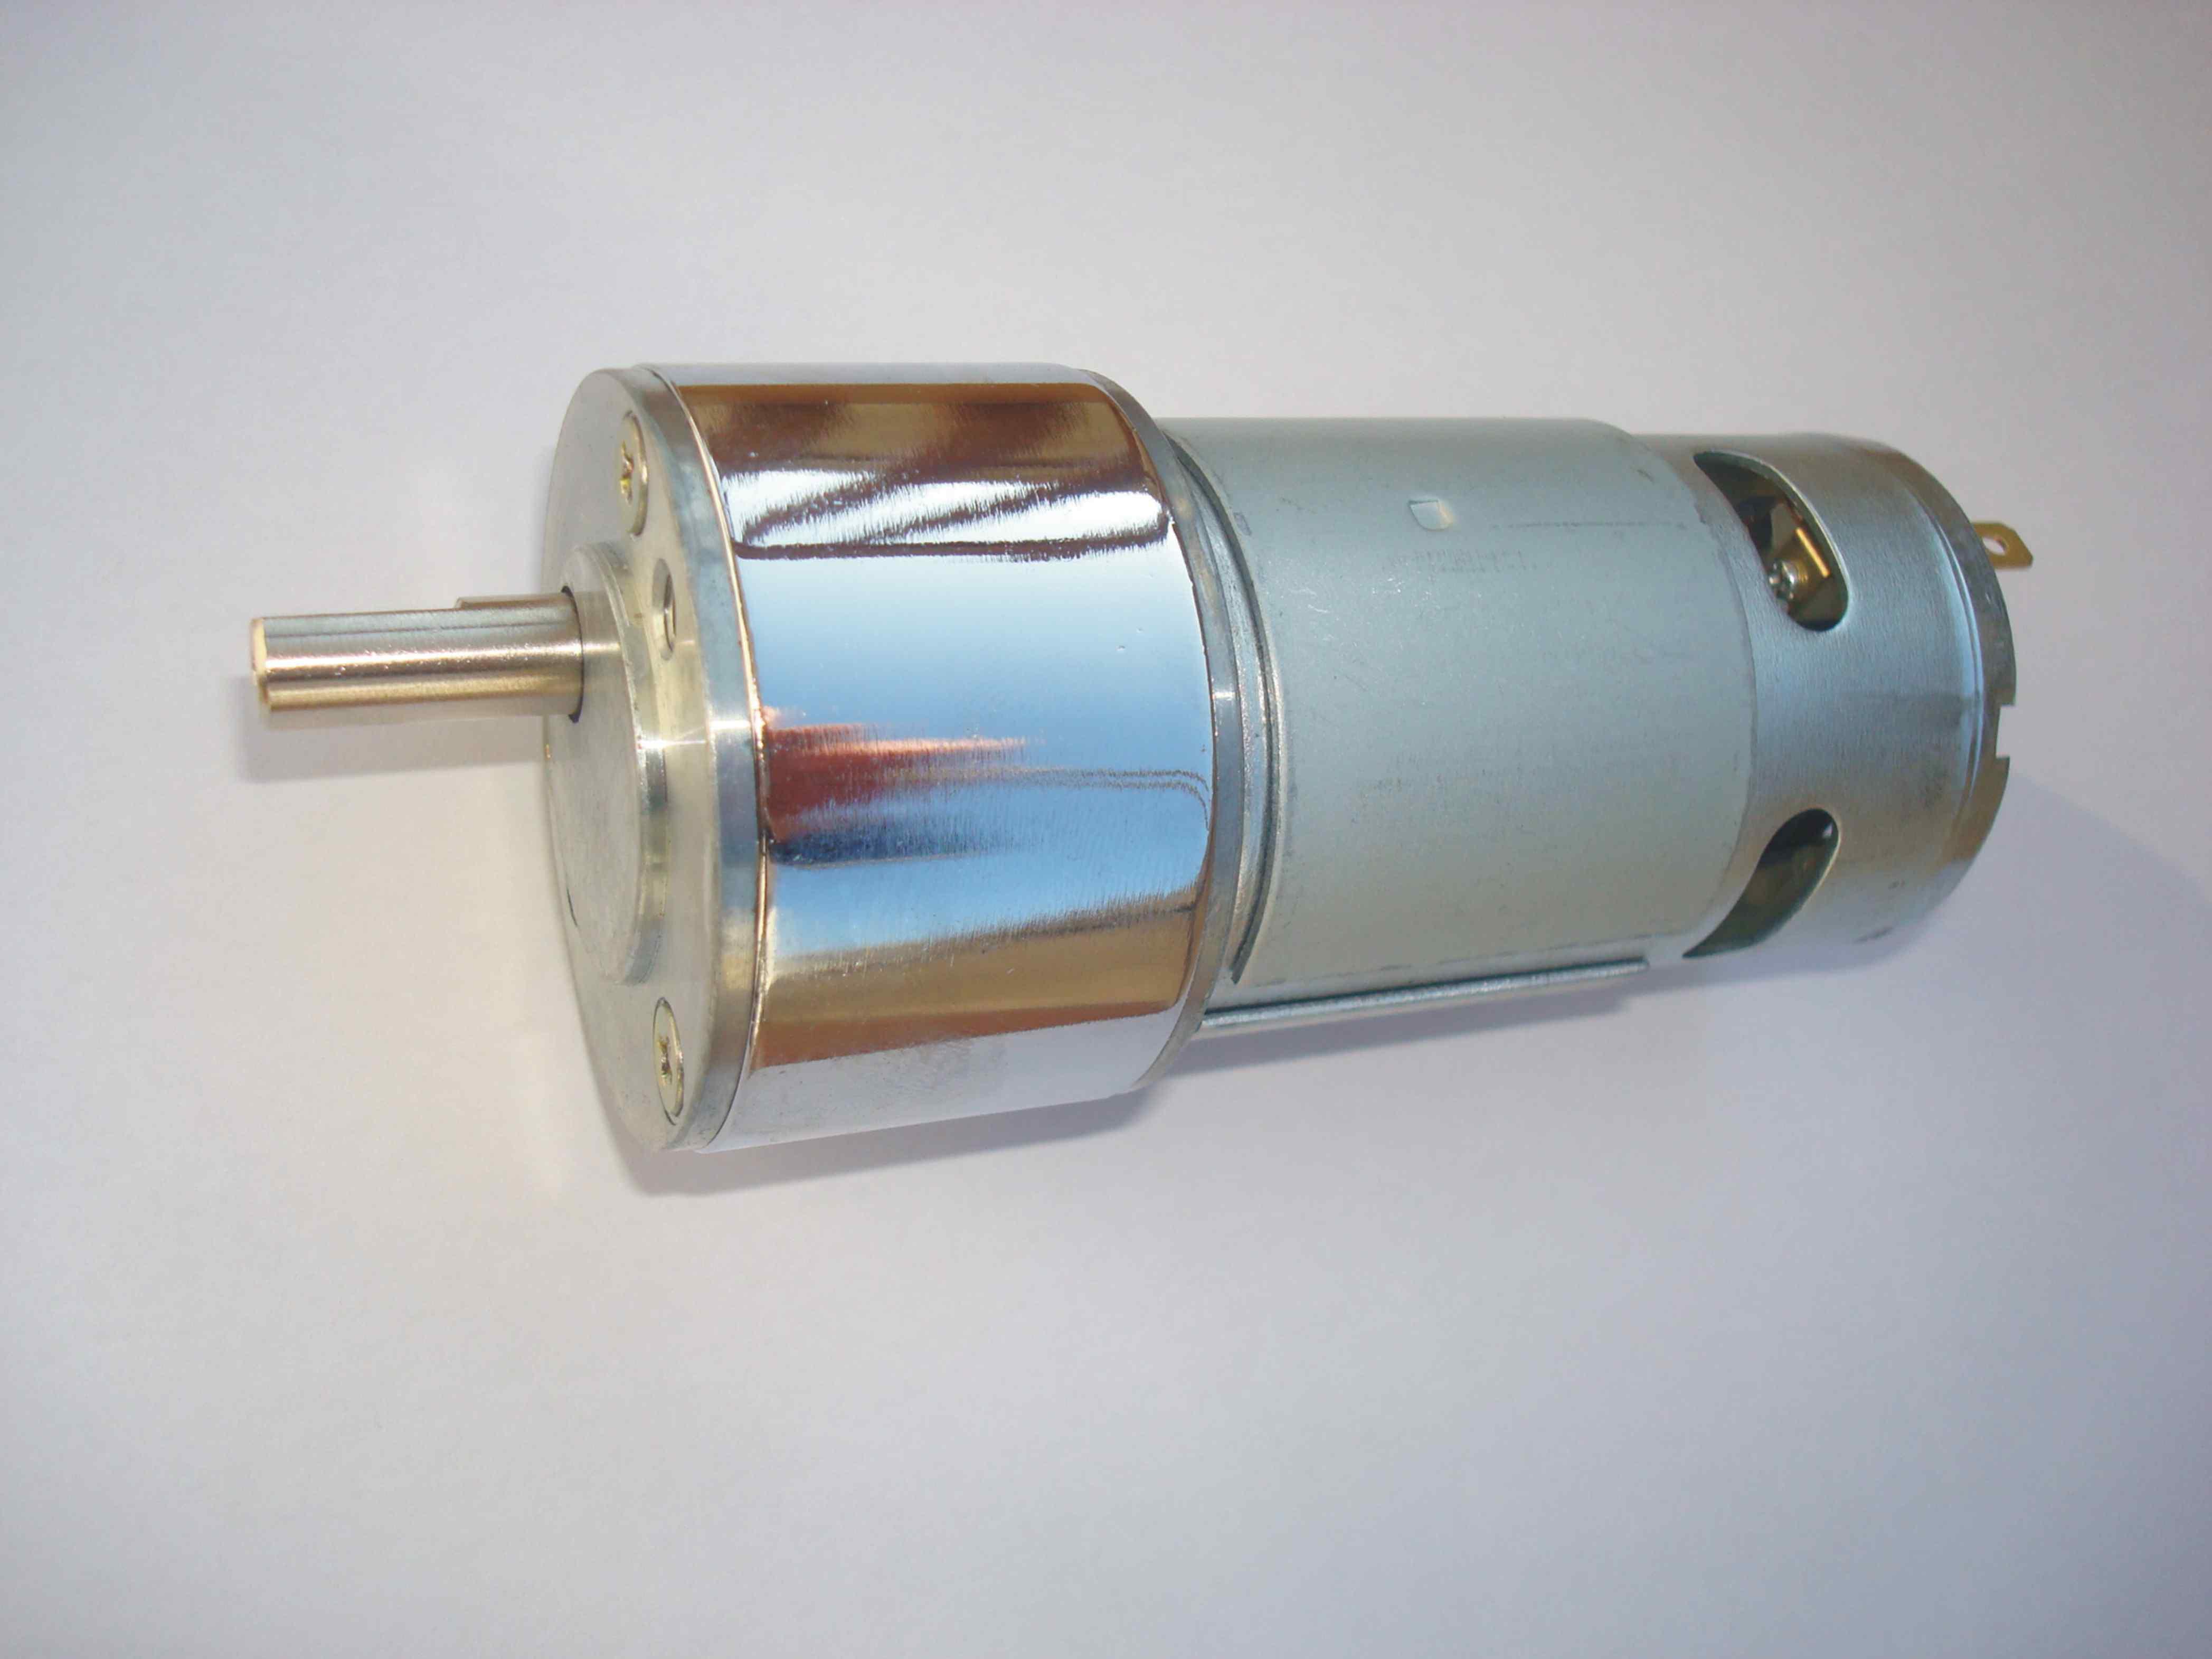 Hot-vente gb50-775 décélération dc moteur plein engrenage en métal super